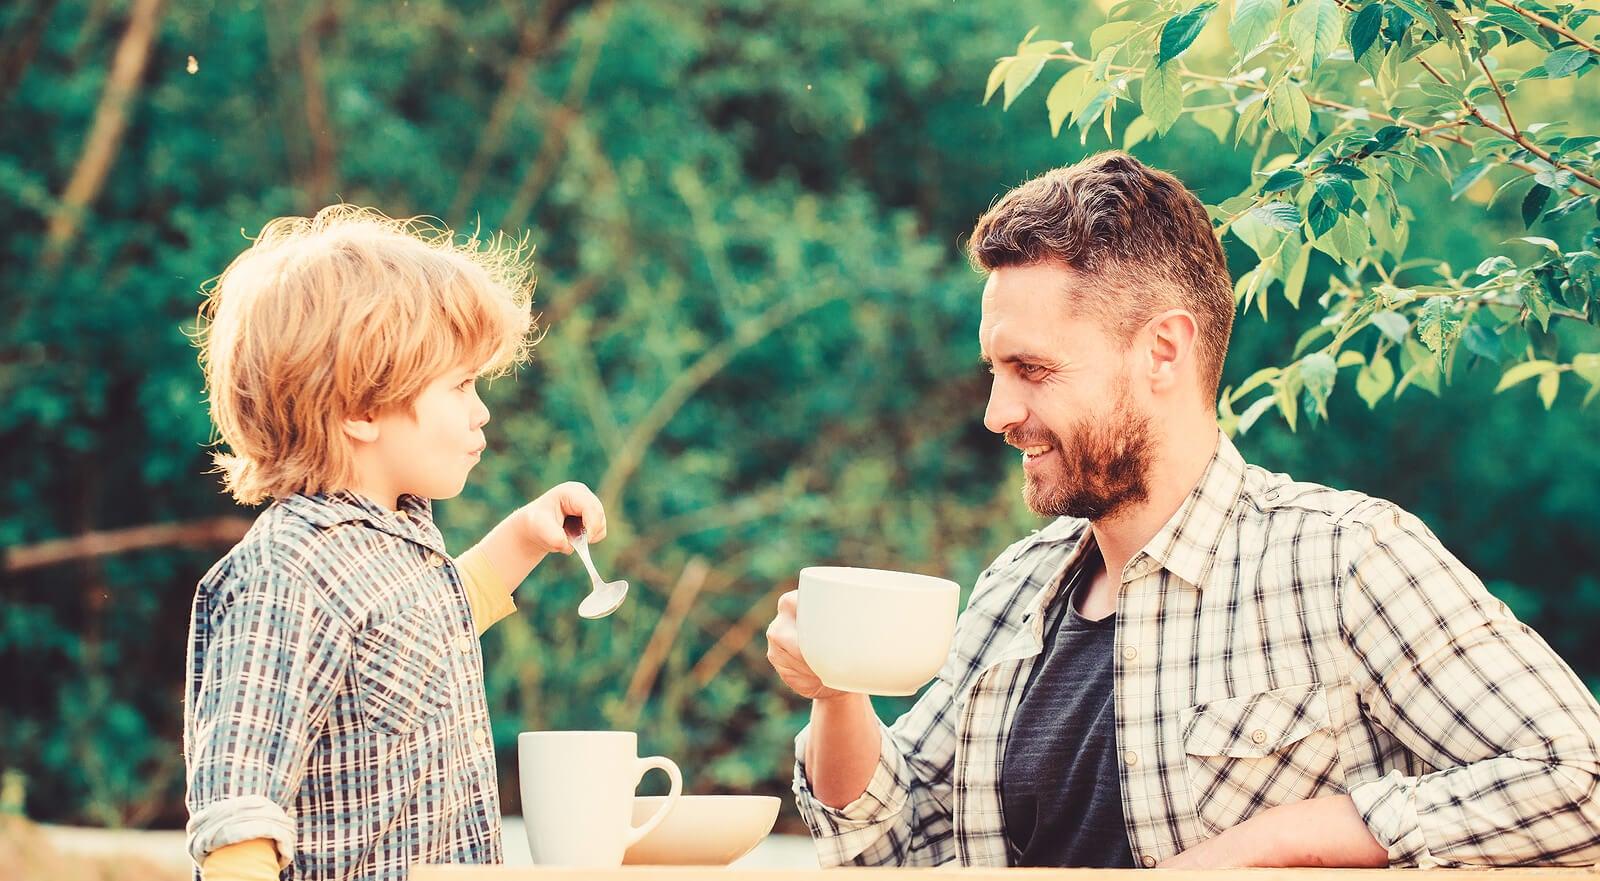 Padre a hijo merendando juntos para enseñarle buenos modales.